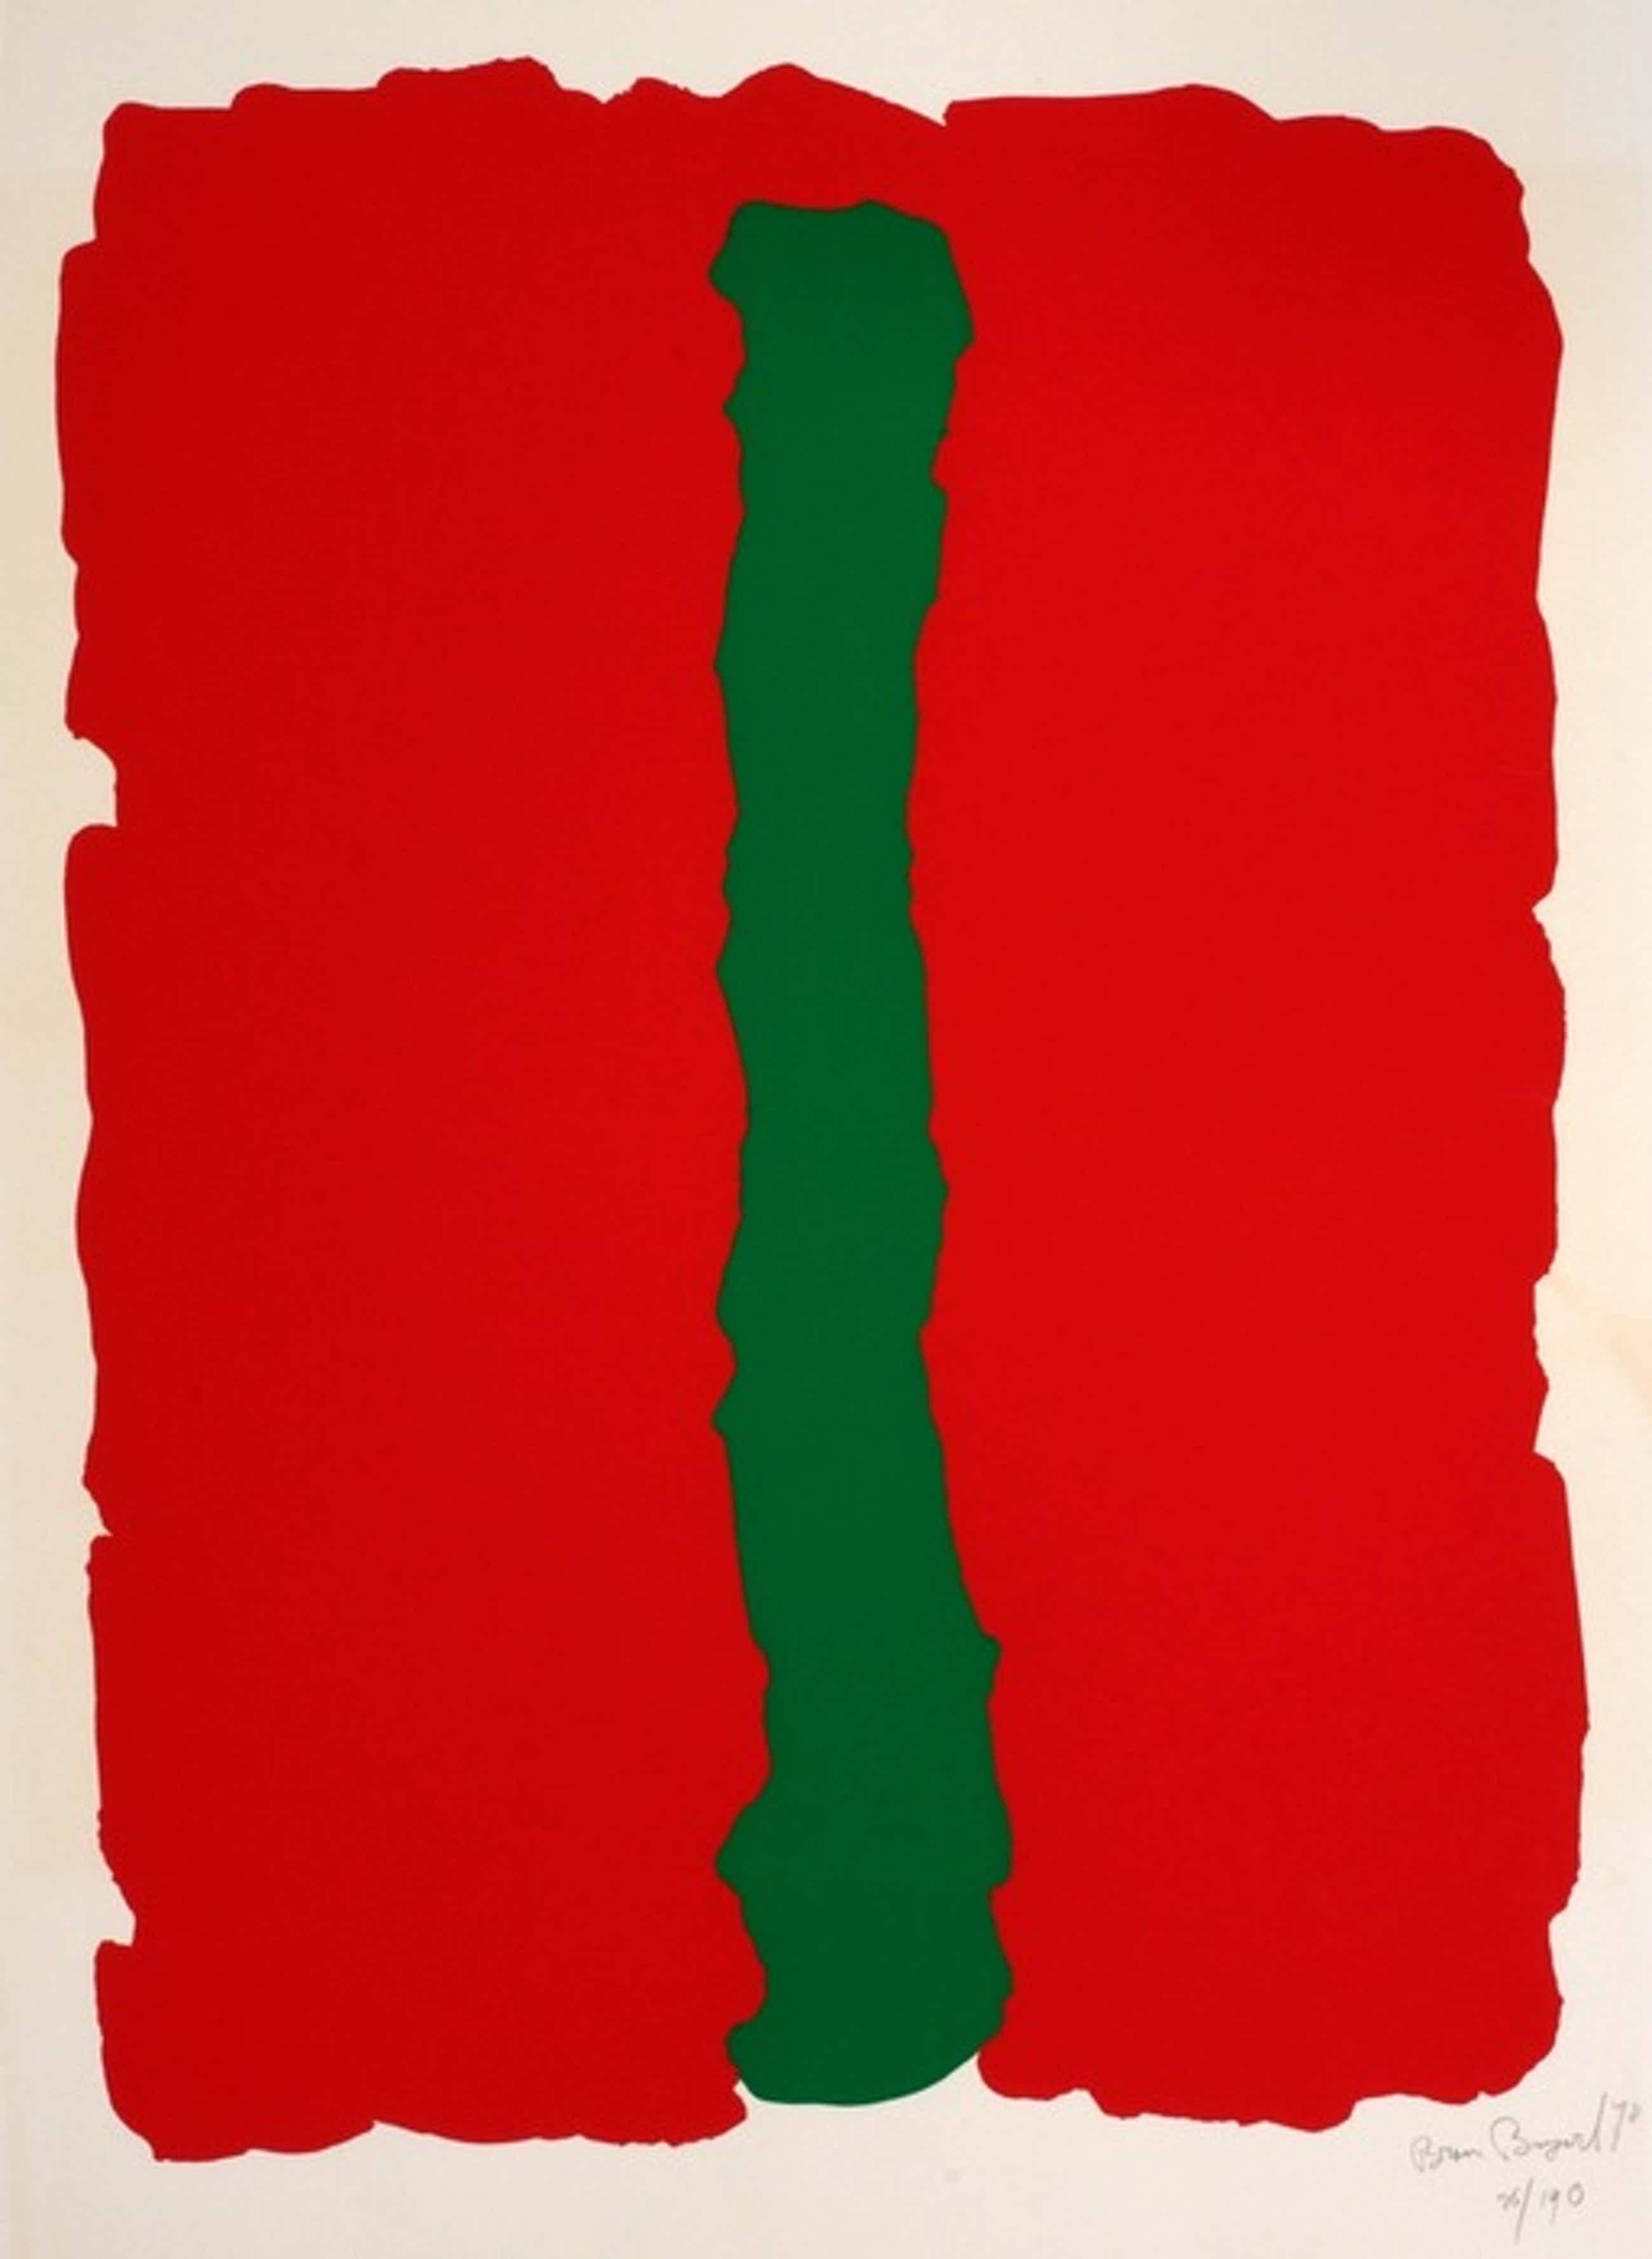 Bram Bogart - Rood groen - kleurenlitho, handgesigneerd, 1978 kopen? Bied vanaf 450!